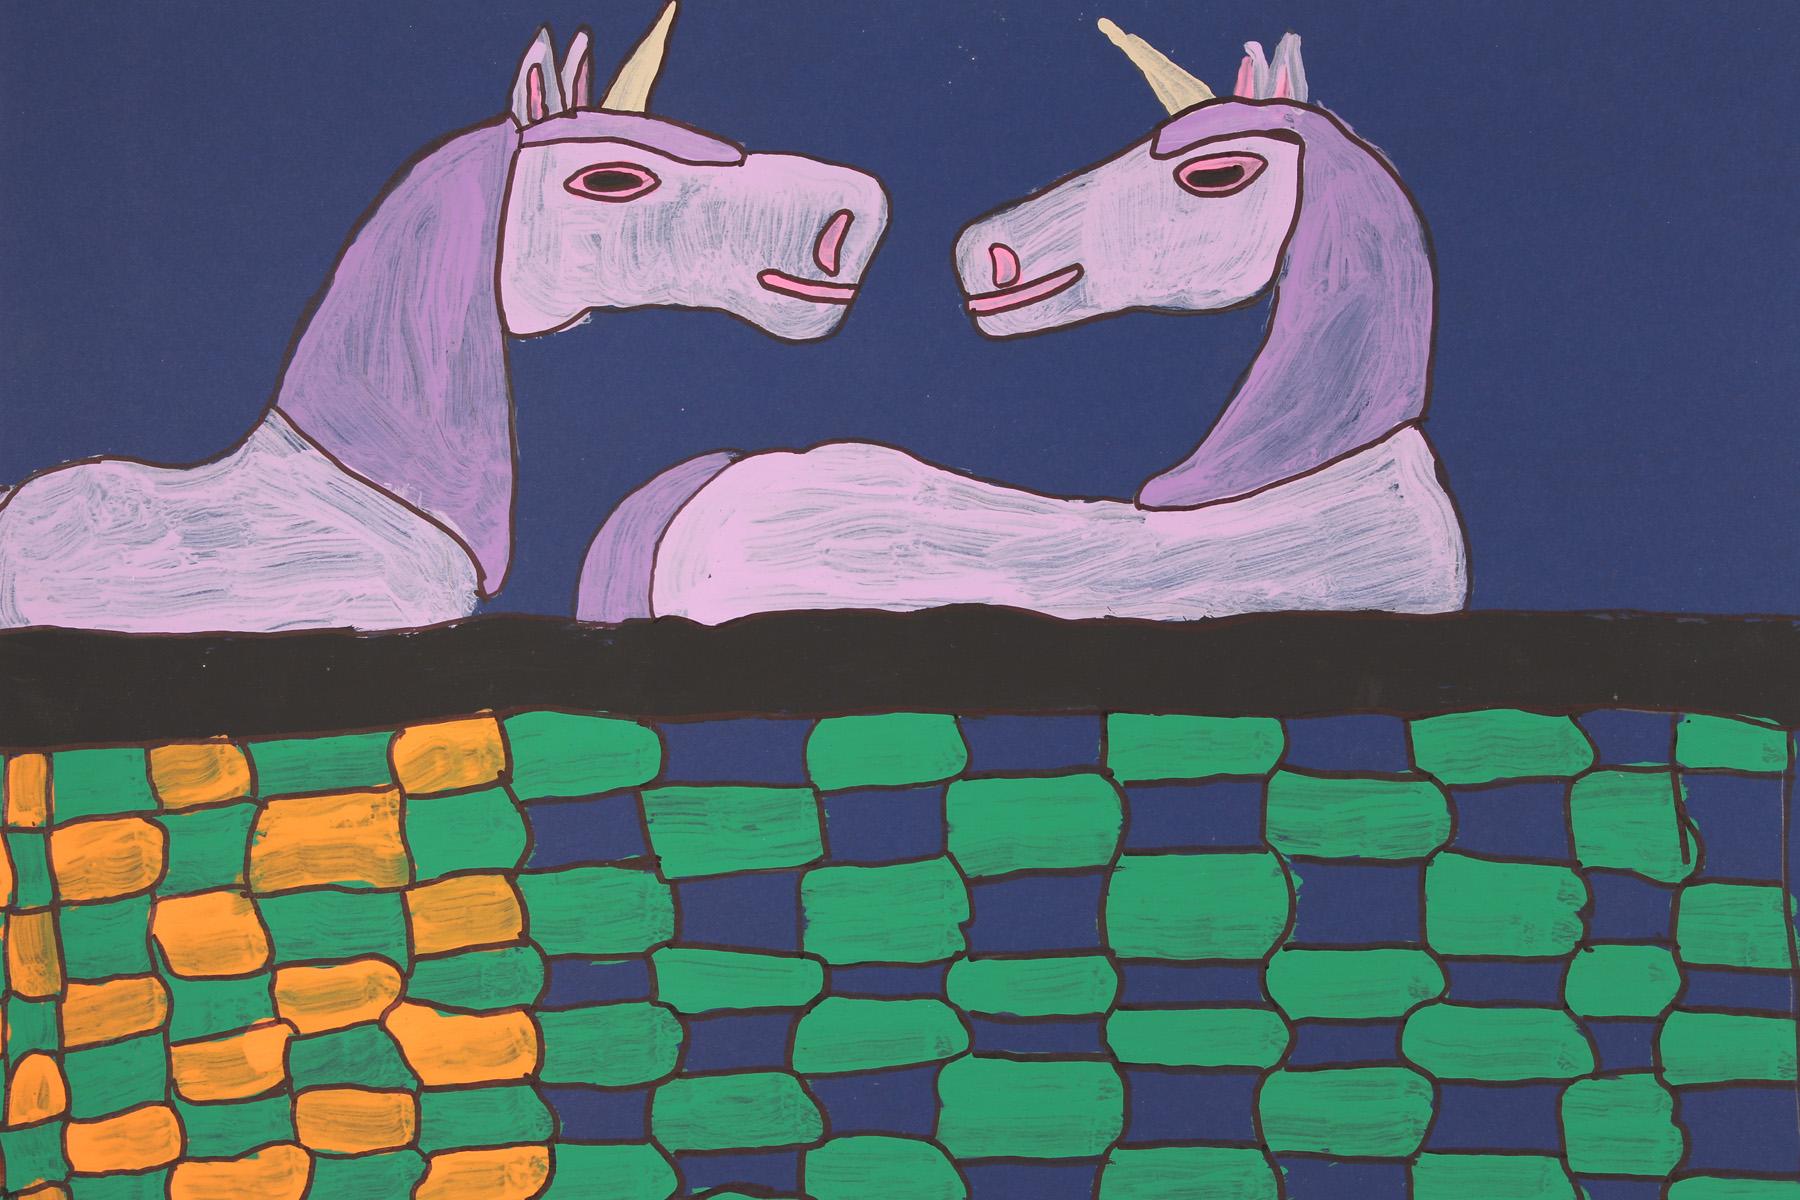 Gated Unicorns